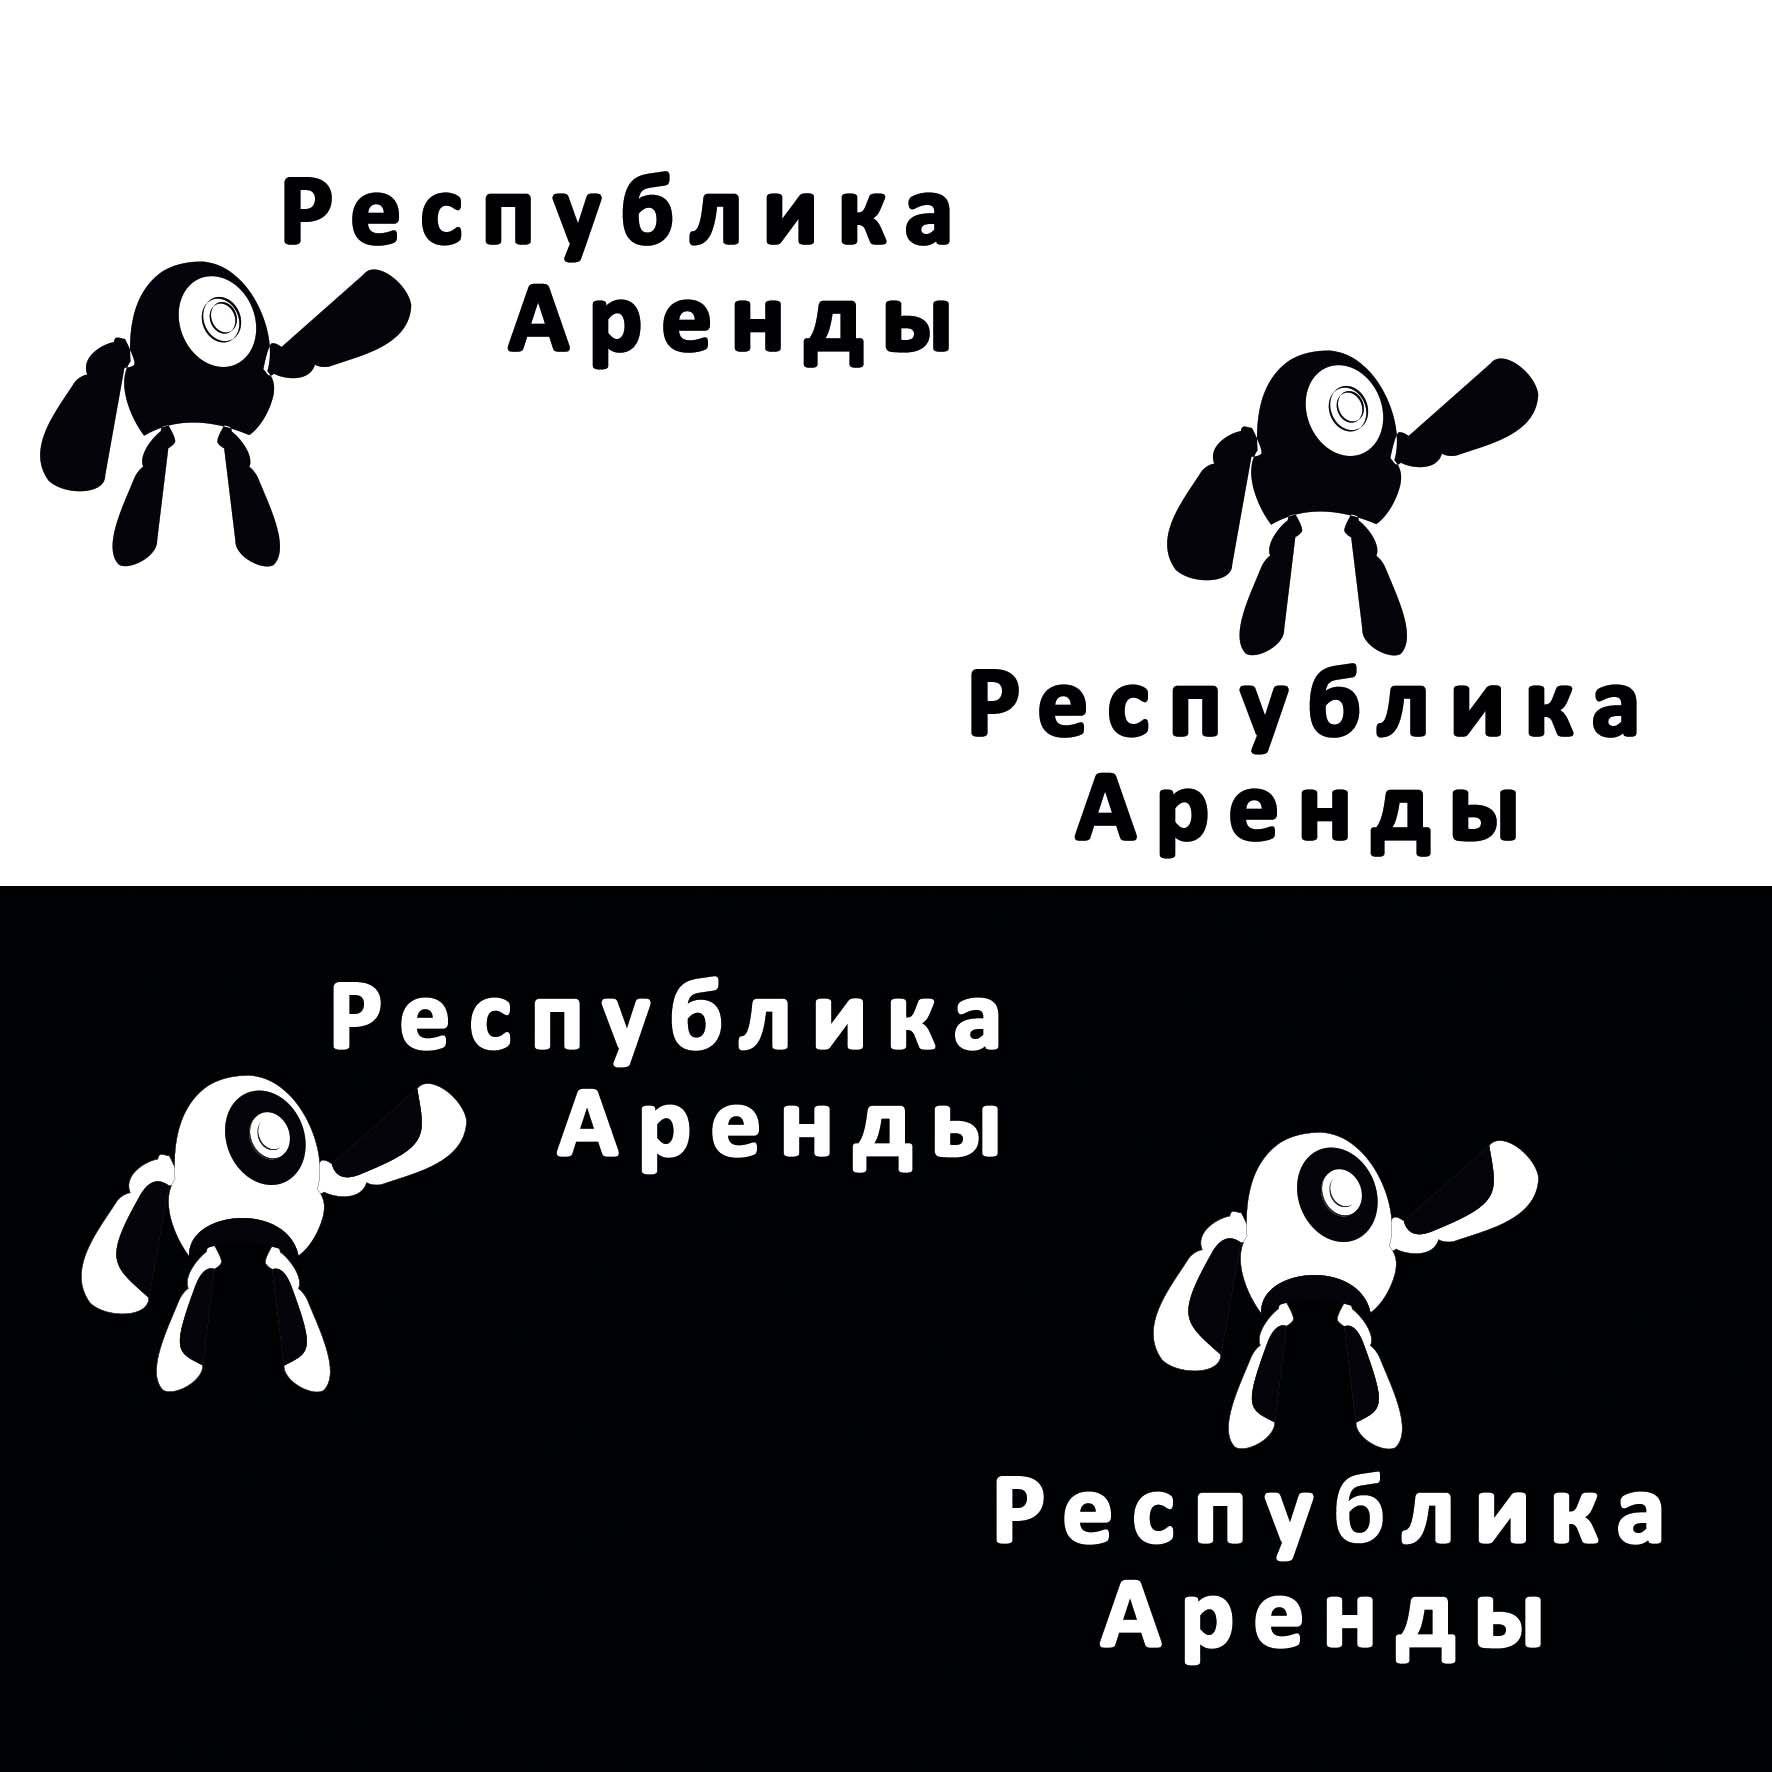 Логотип для компании по аренде квадракоптеров - дизайнер Capfir